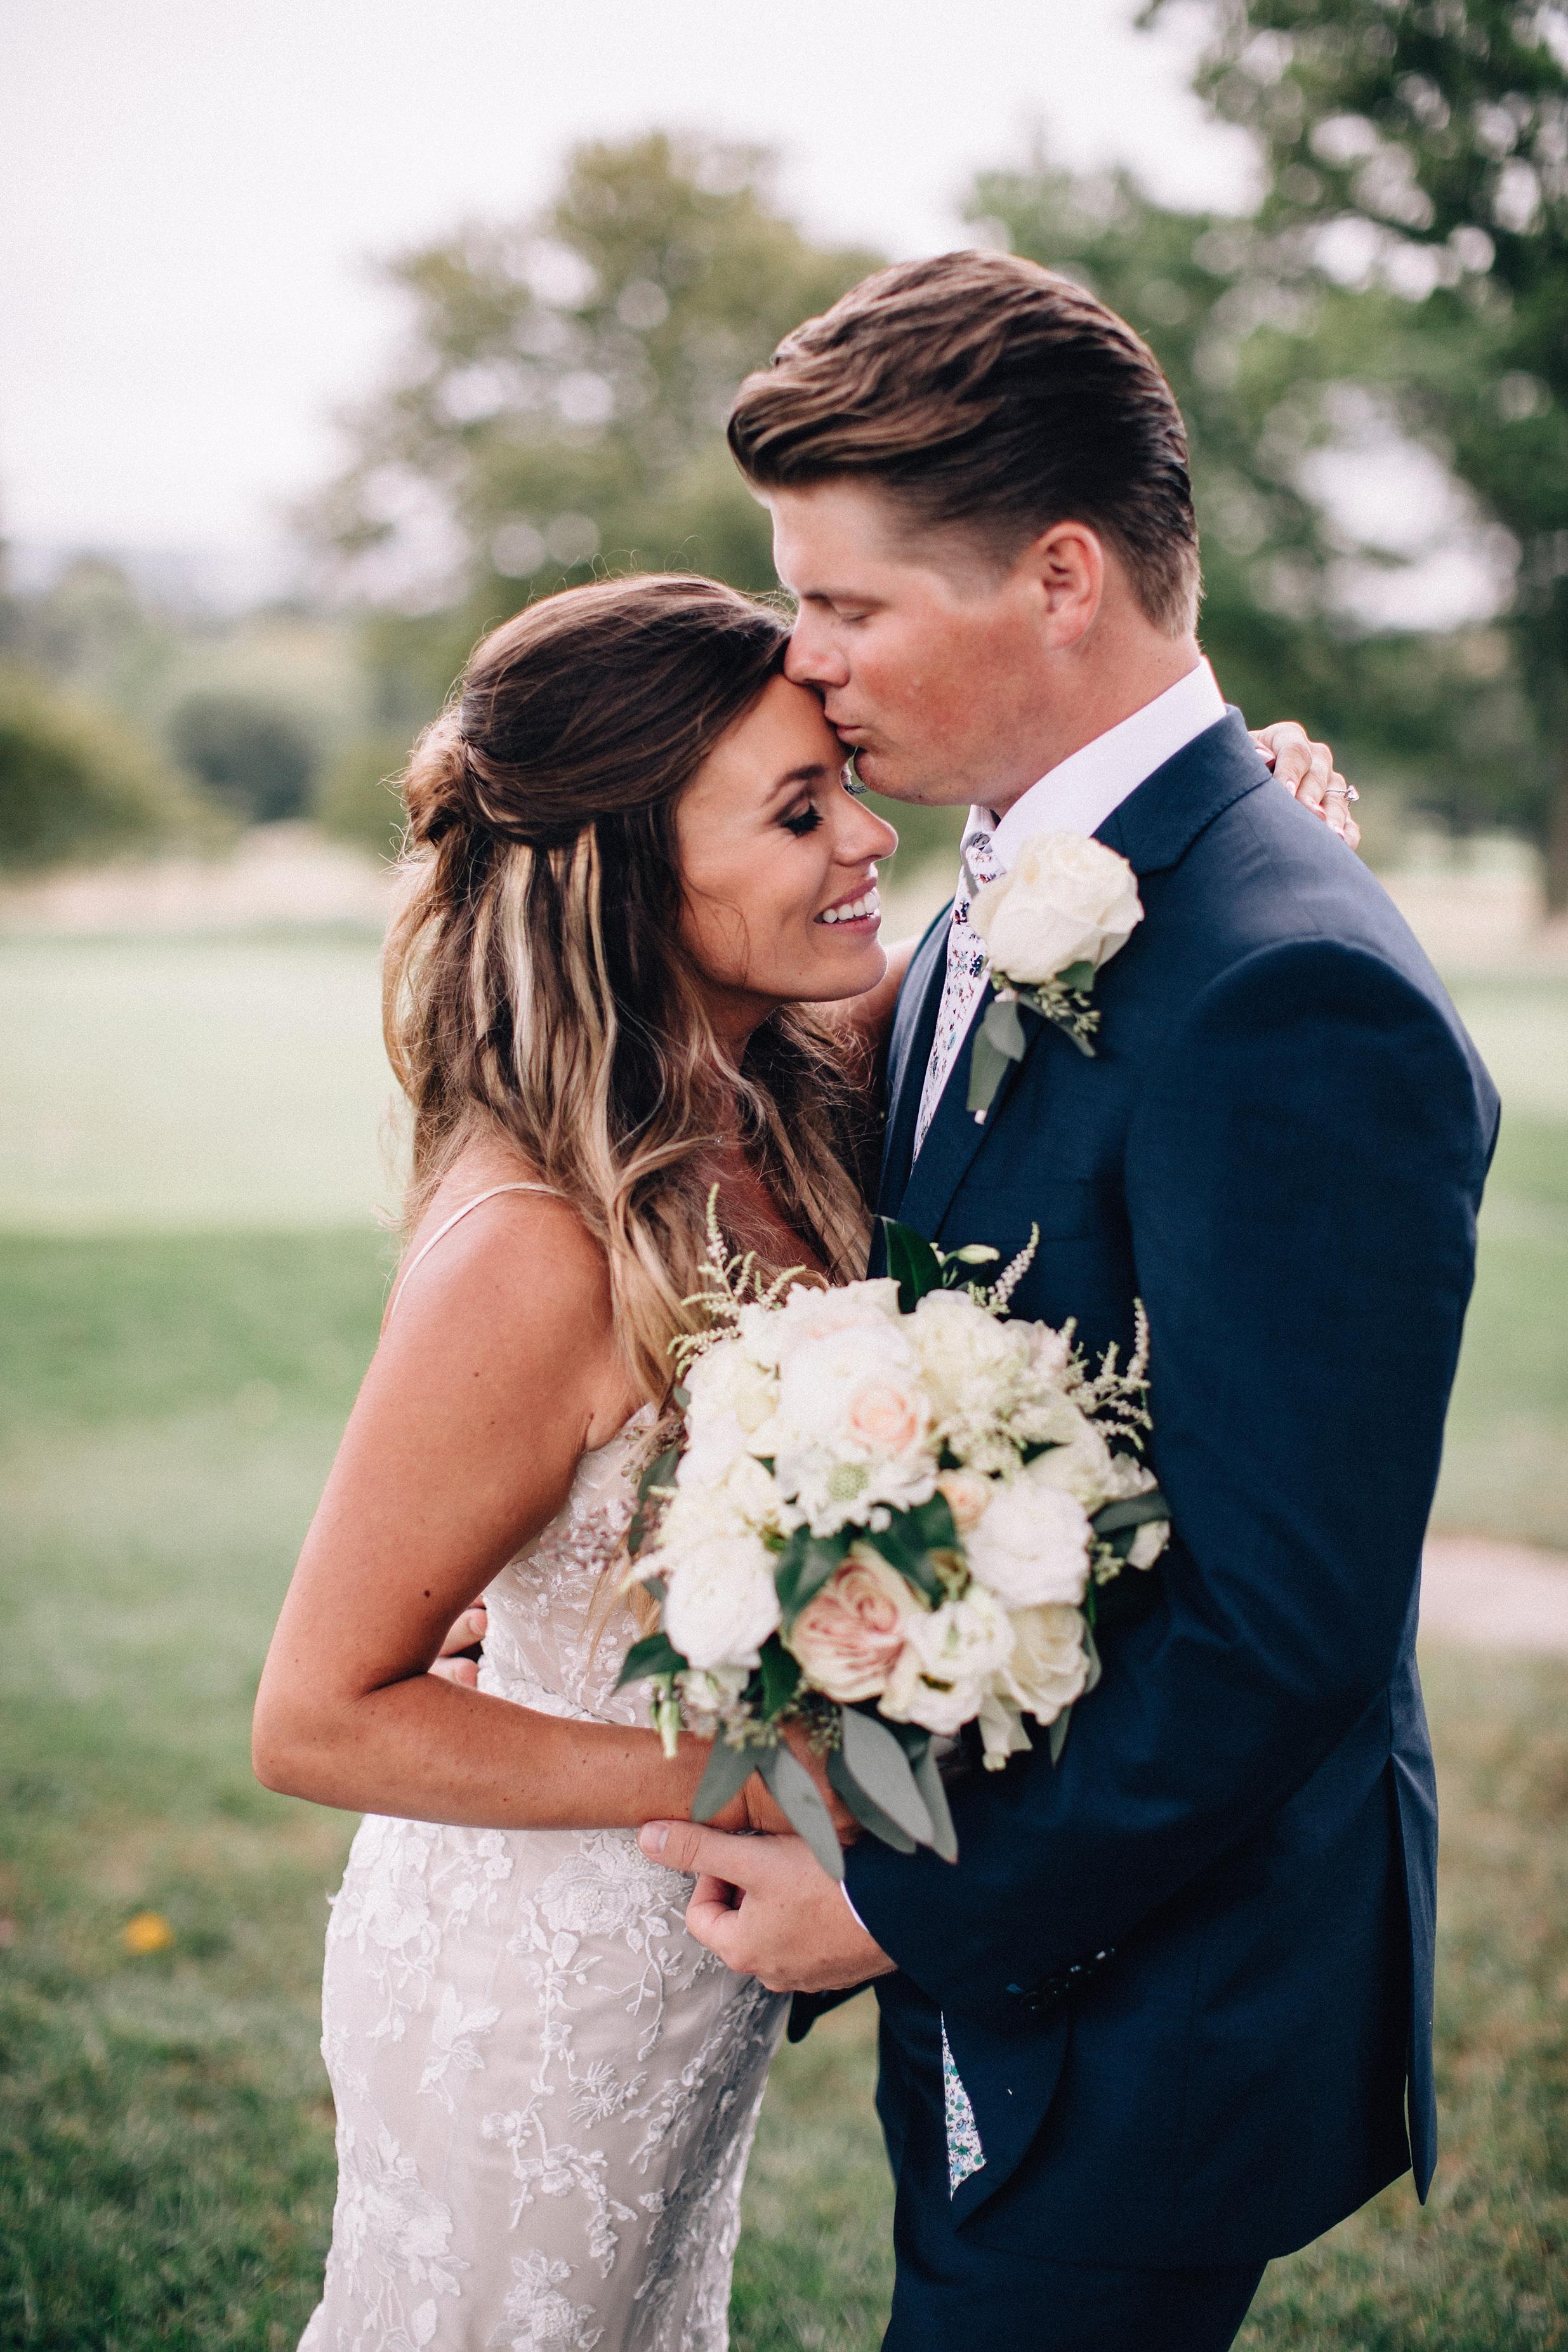 jersey-outdoor-ceremony-wedding-navasink-monmouth-rumson_0057.jpg